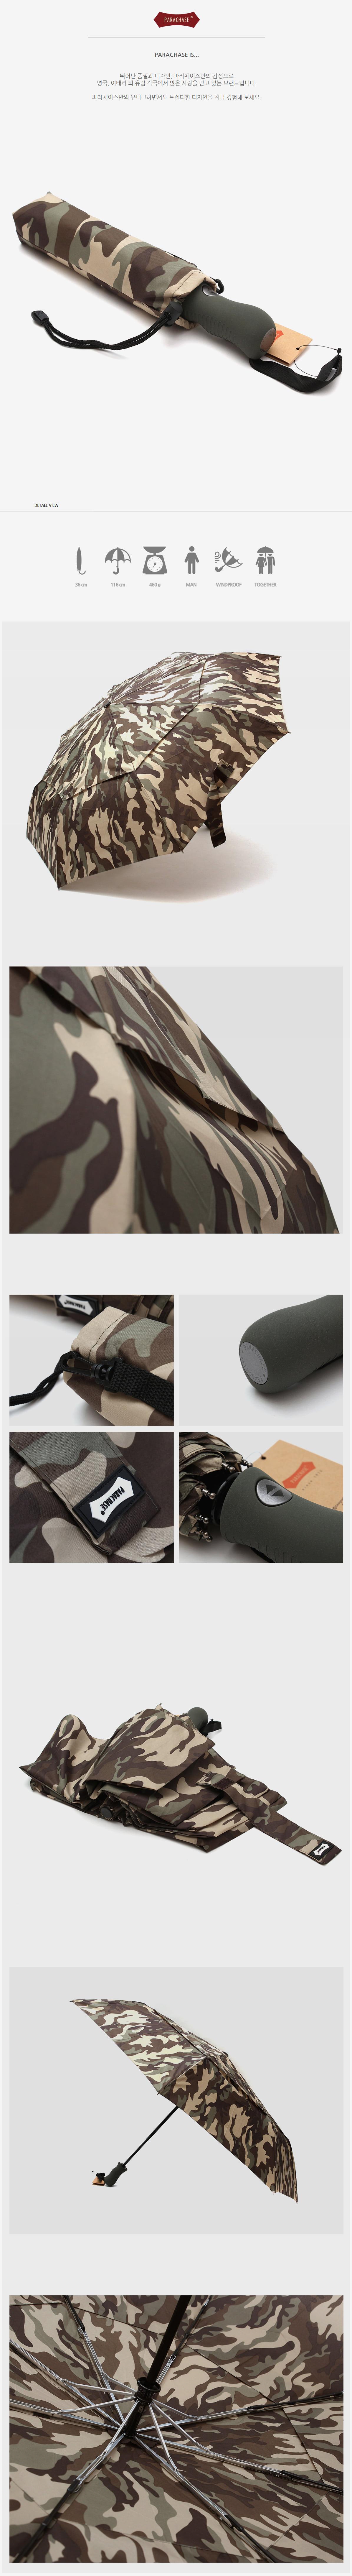 파라체이스(PARACHASE) 3204 빅사이즈 카모플라쥬 패턴 자동 3단 우산